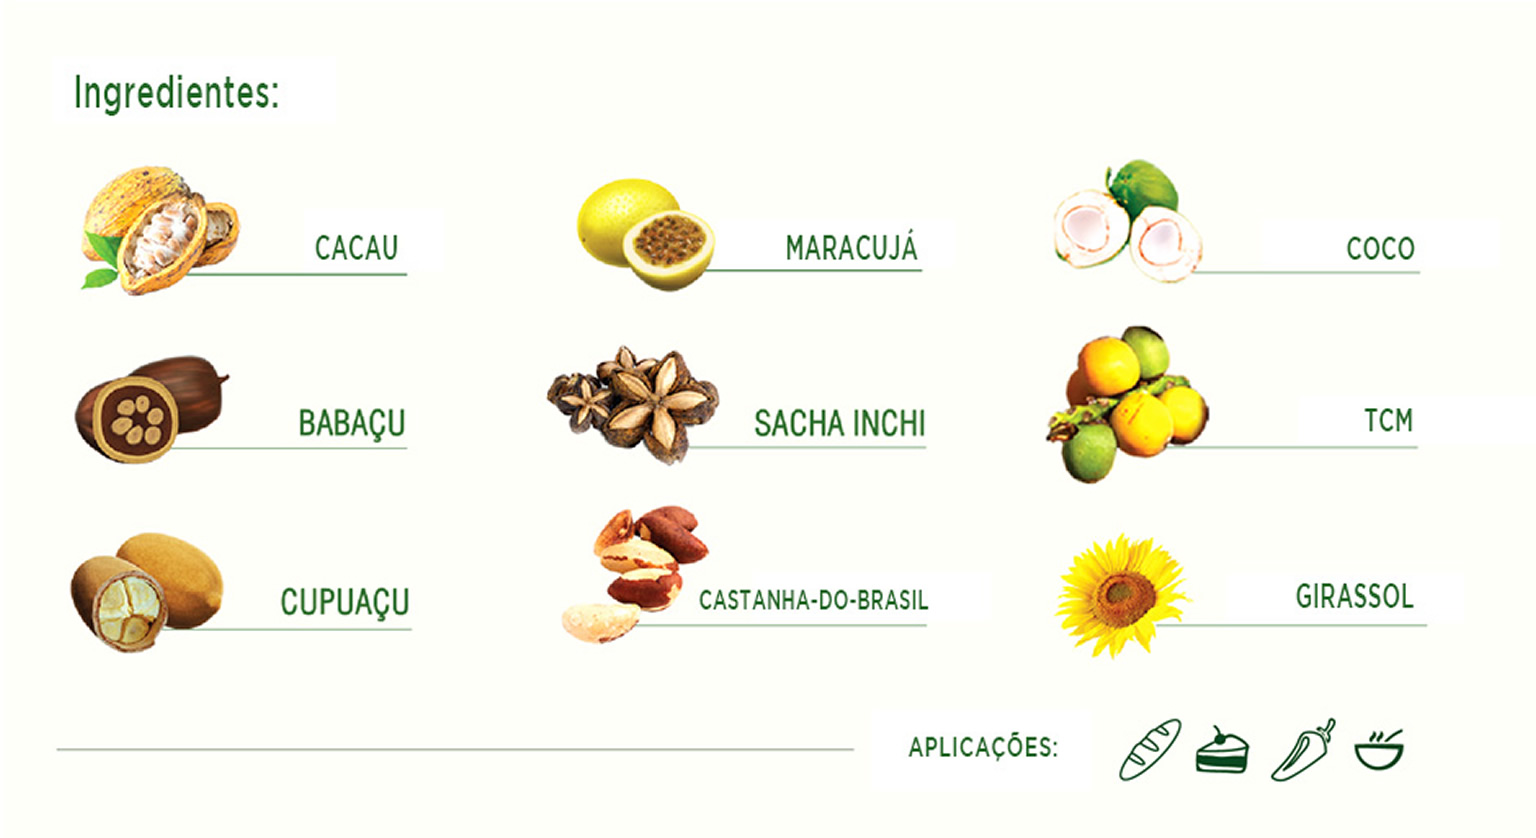 Ingredientes_manteiga